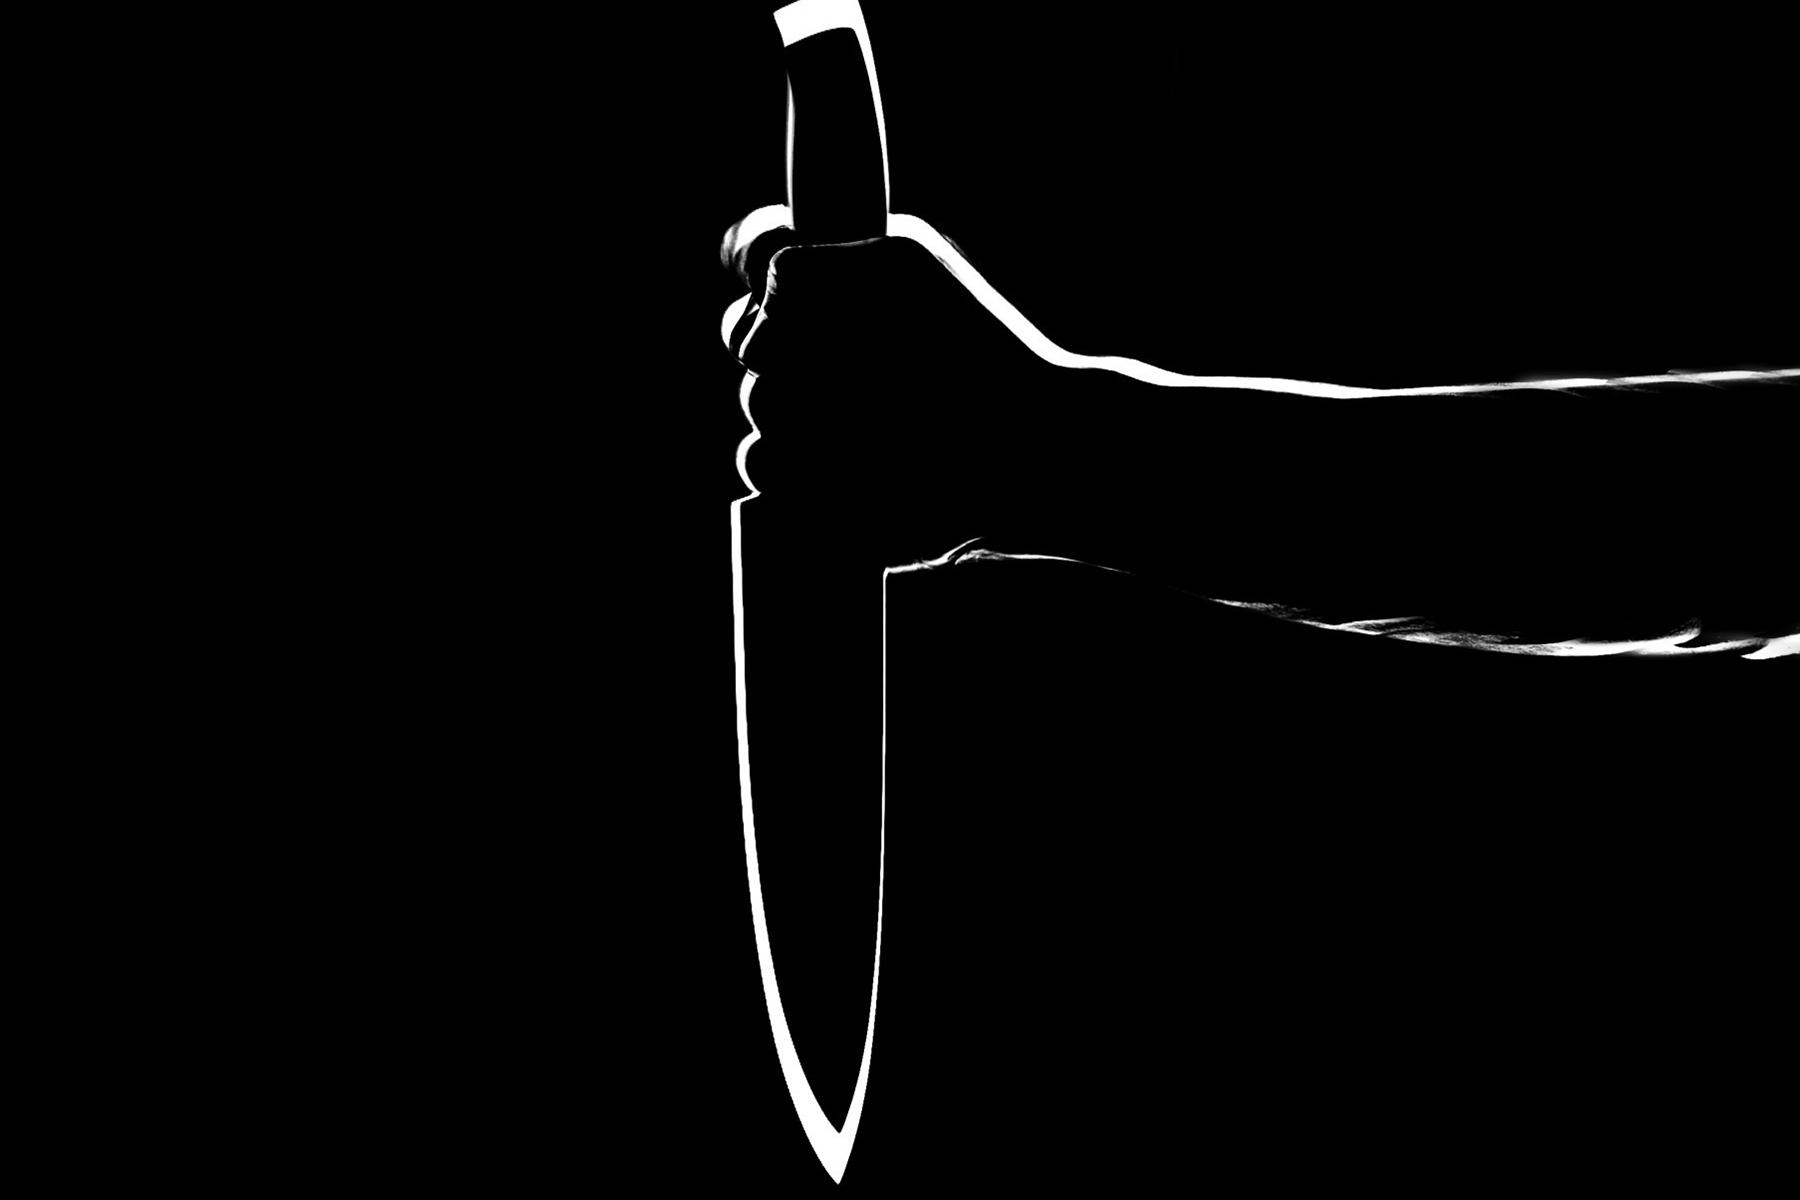 Von Marokkanern mit Messer niedergestochenKriminelle Ausländer sofort abschieben!